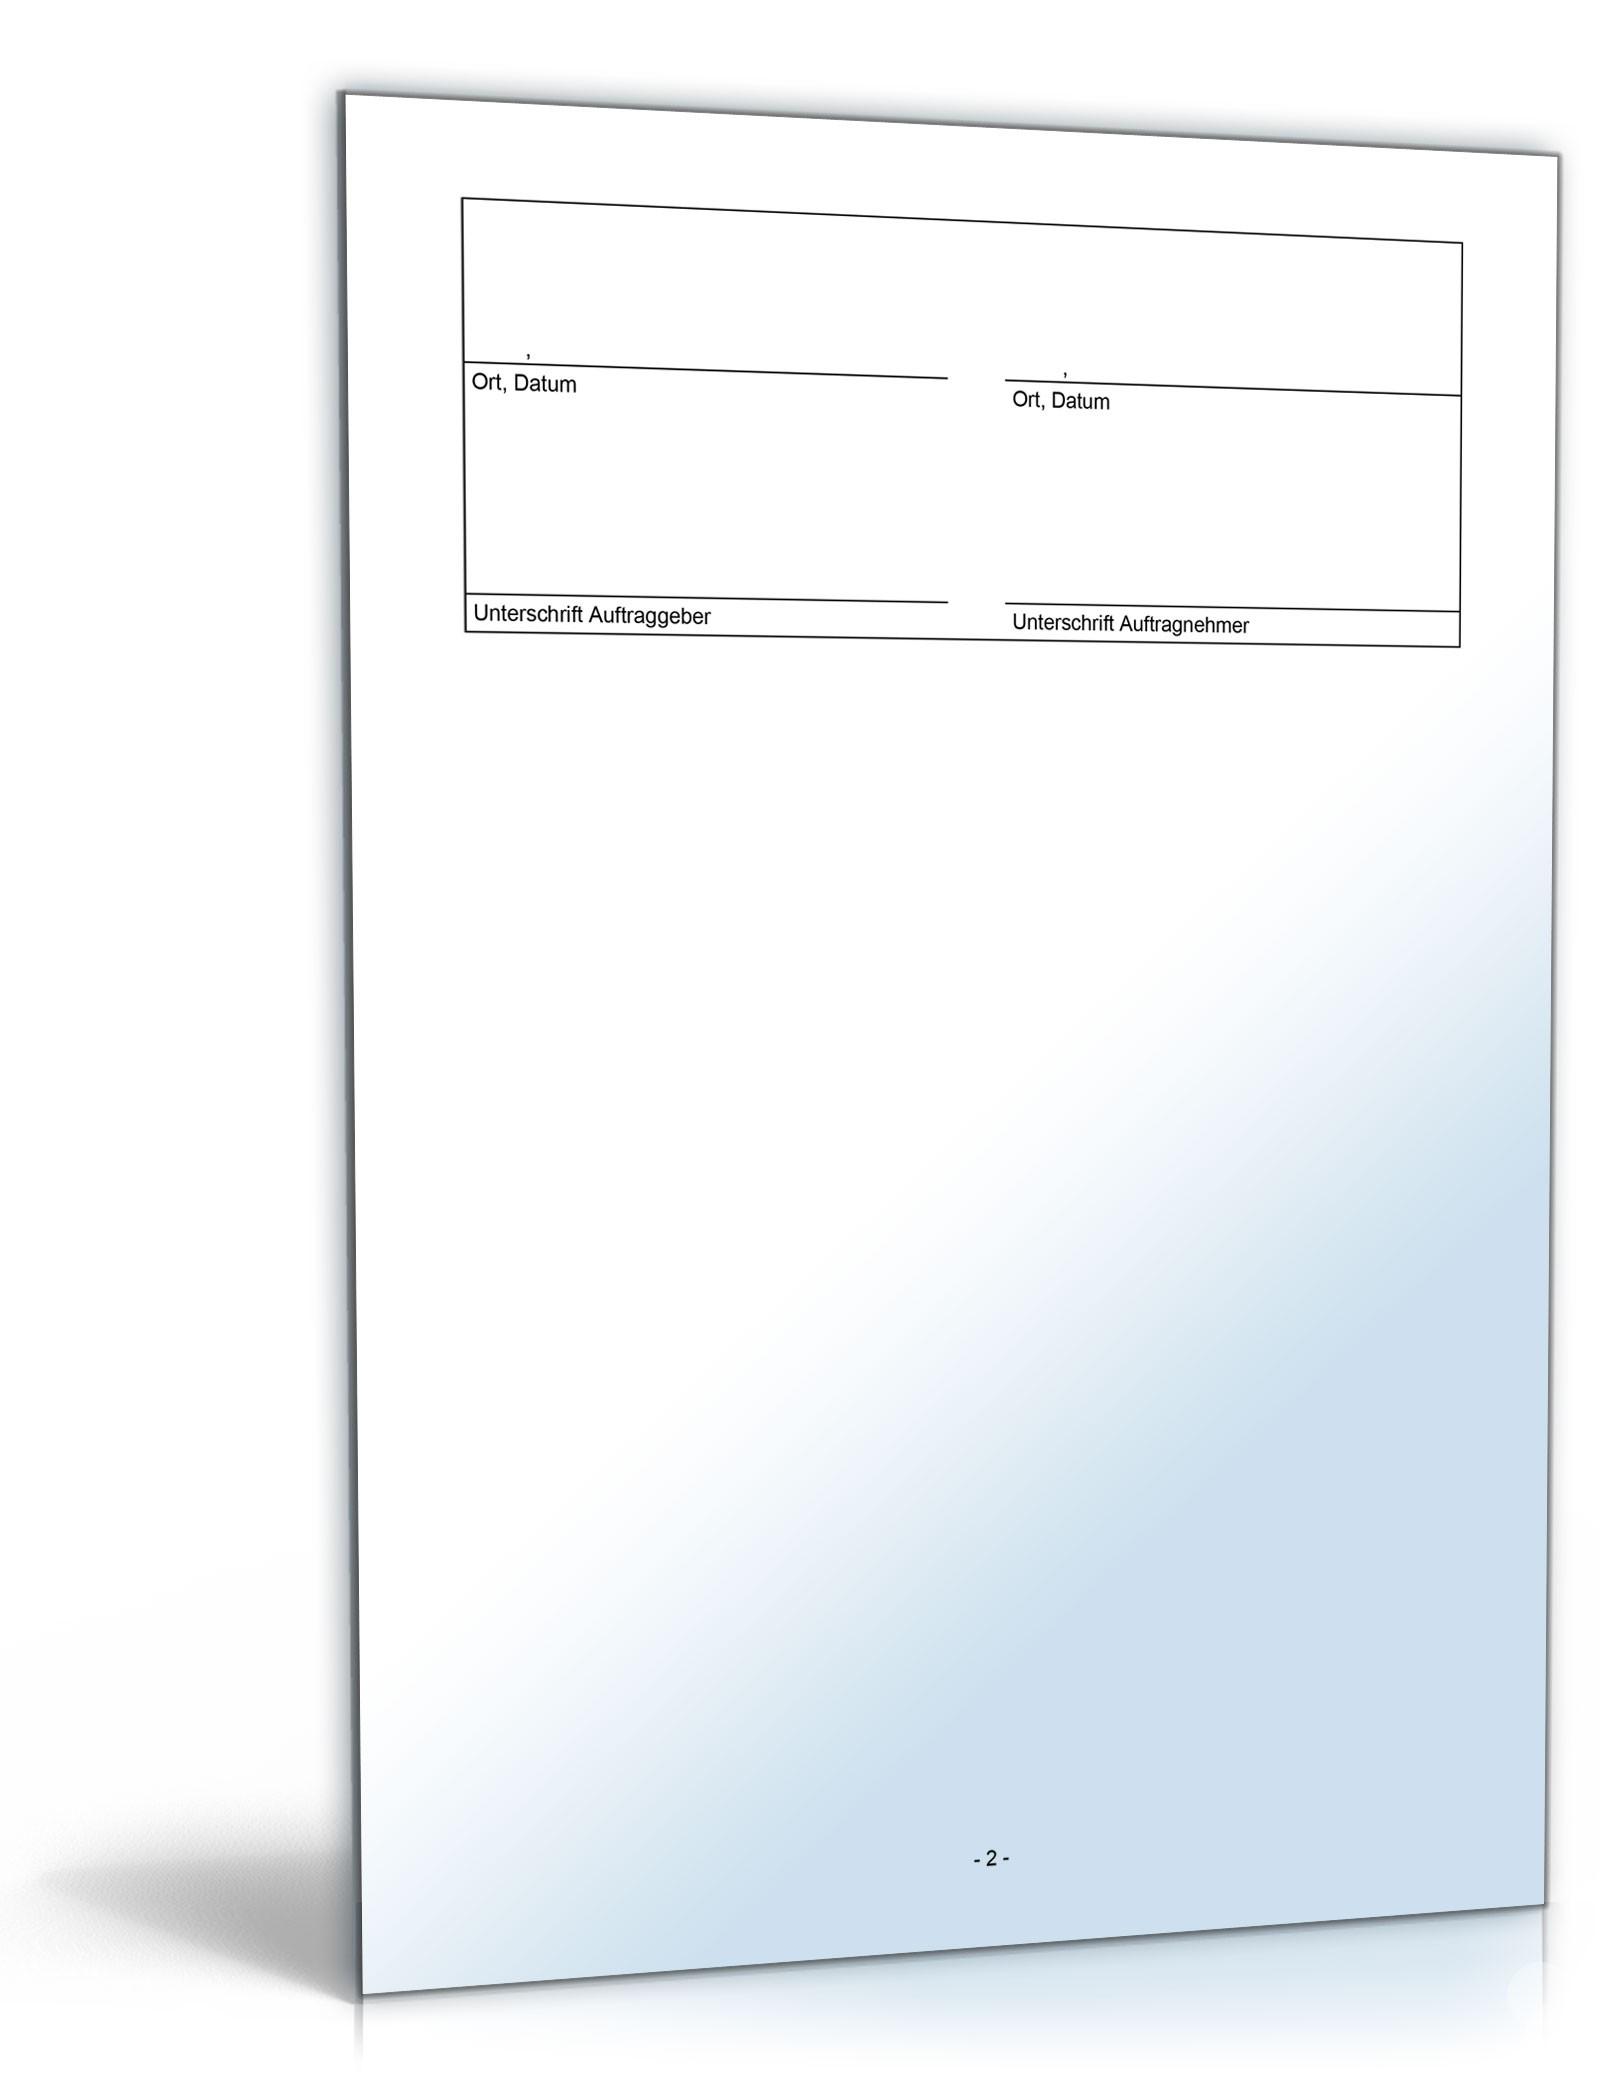 Vobb Bauvertrag Einheitspreisvertrag Muster Zum Download